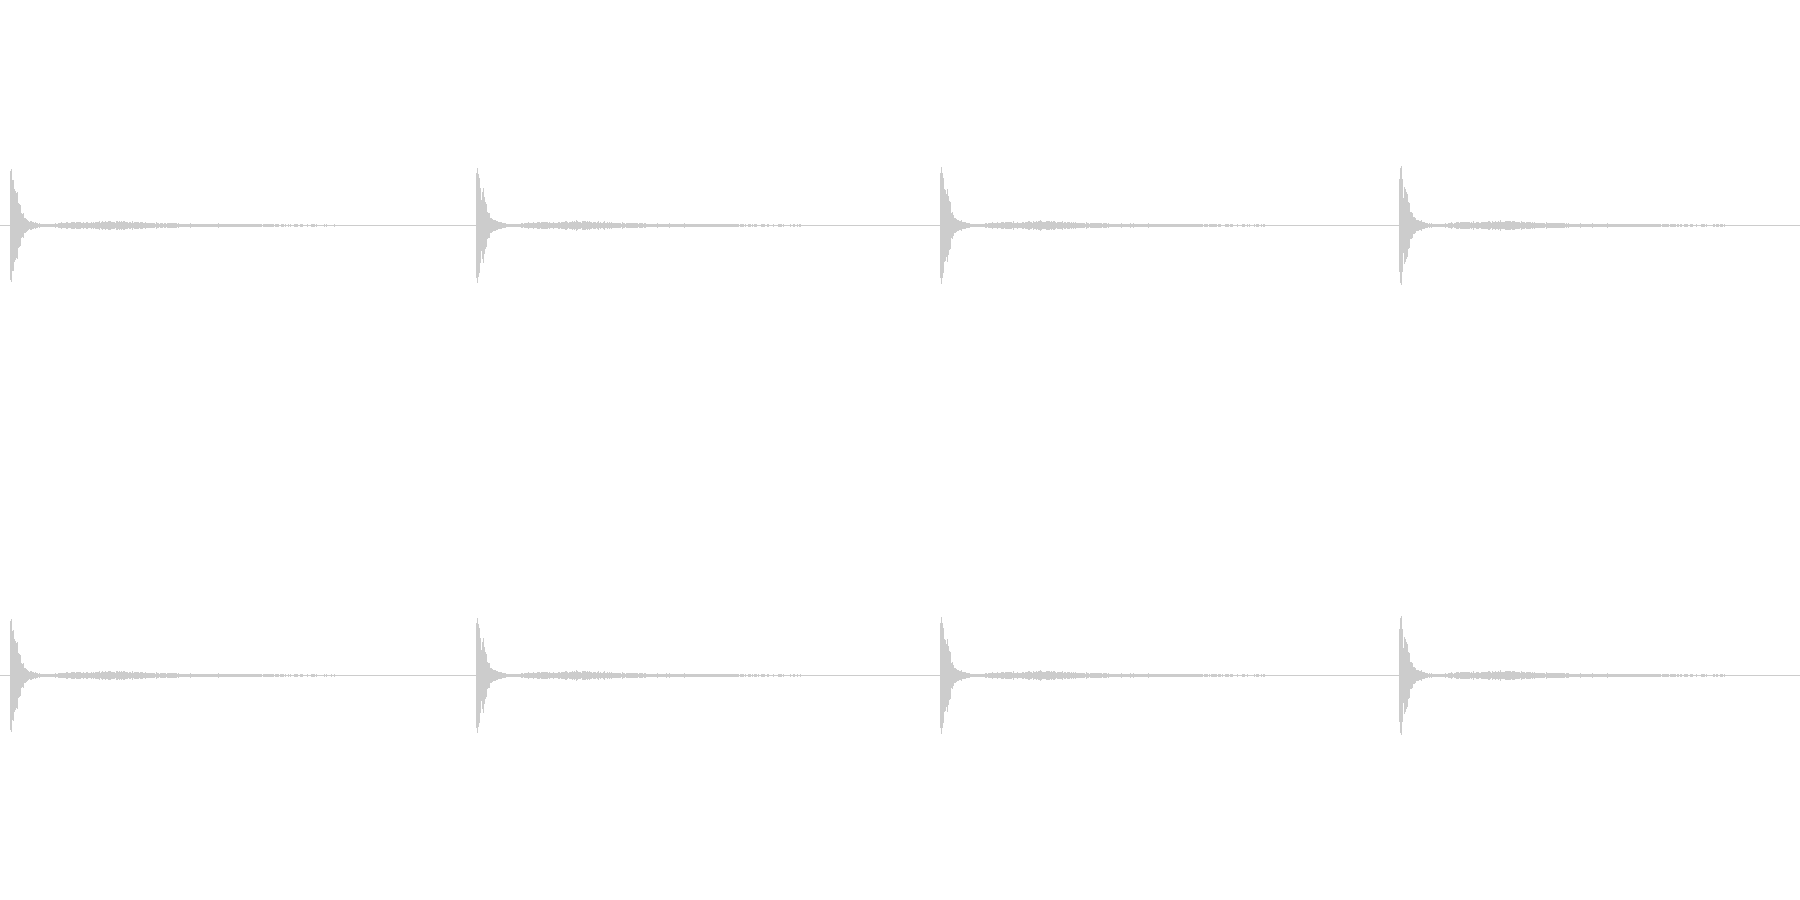 迫る針の音ですの未再生の波形